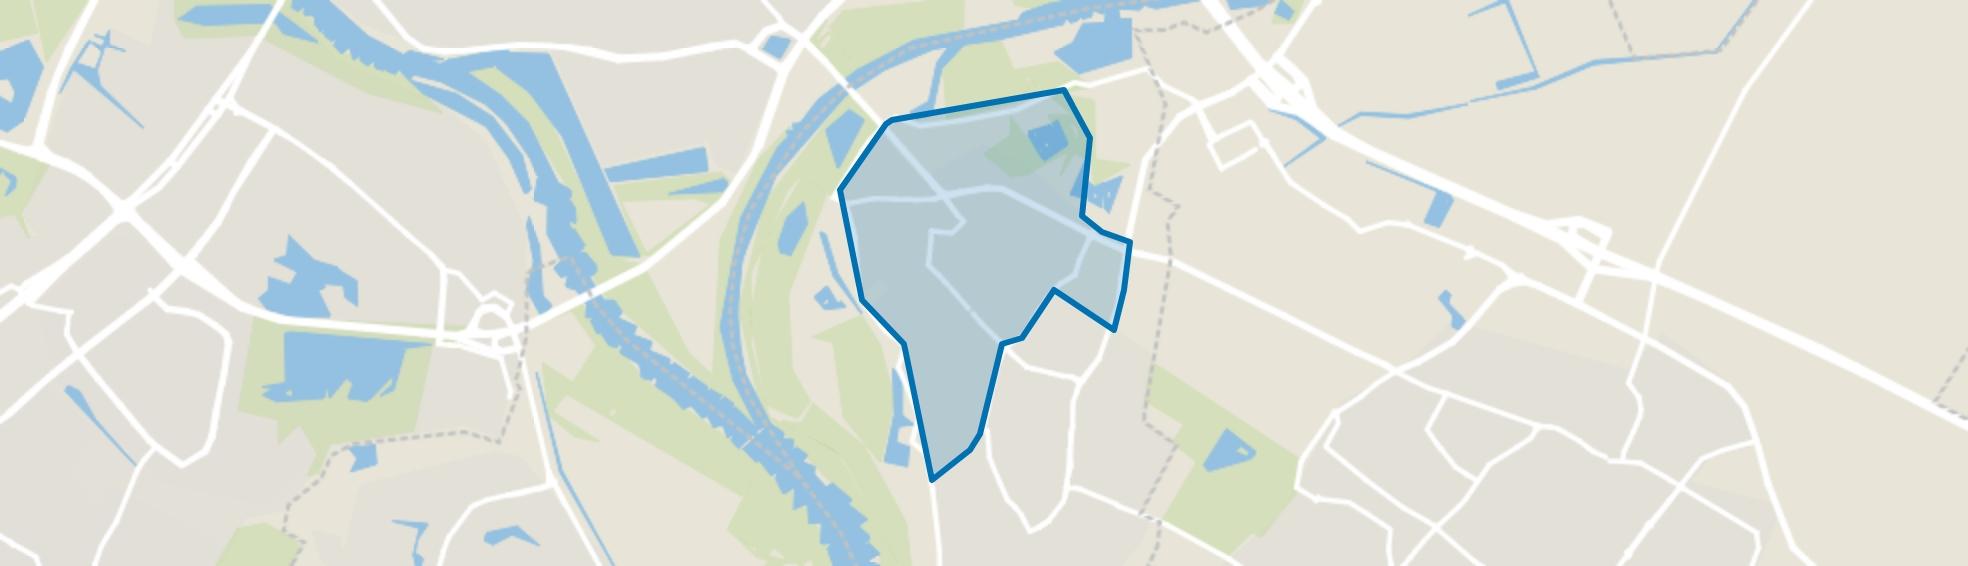 Westervoort, Westervoort map